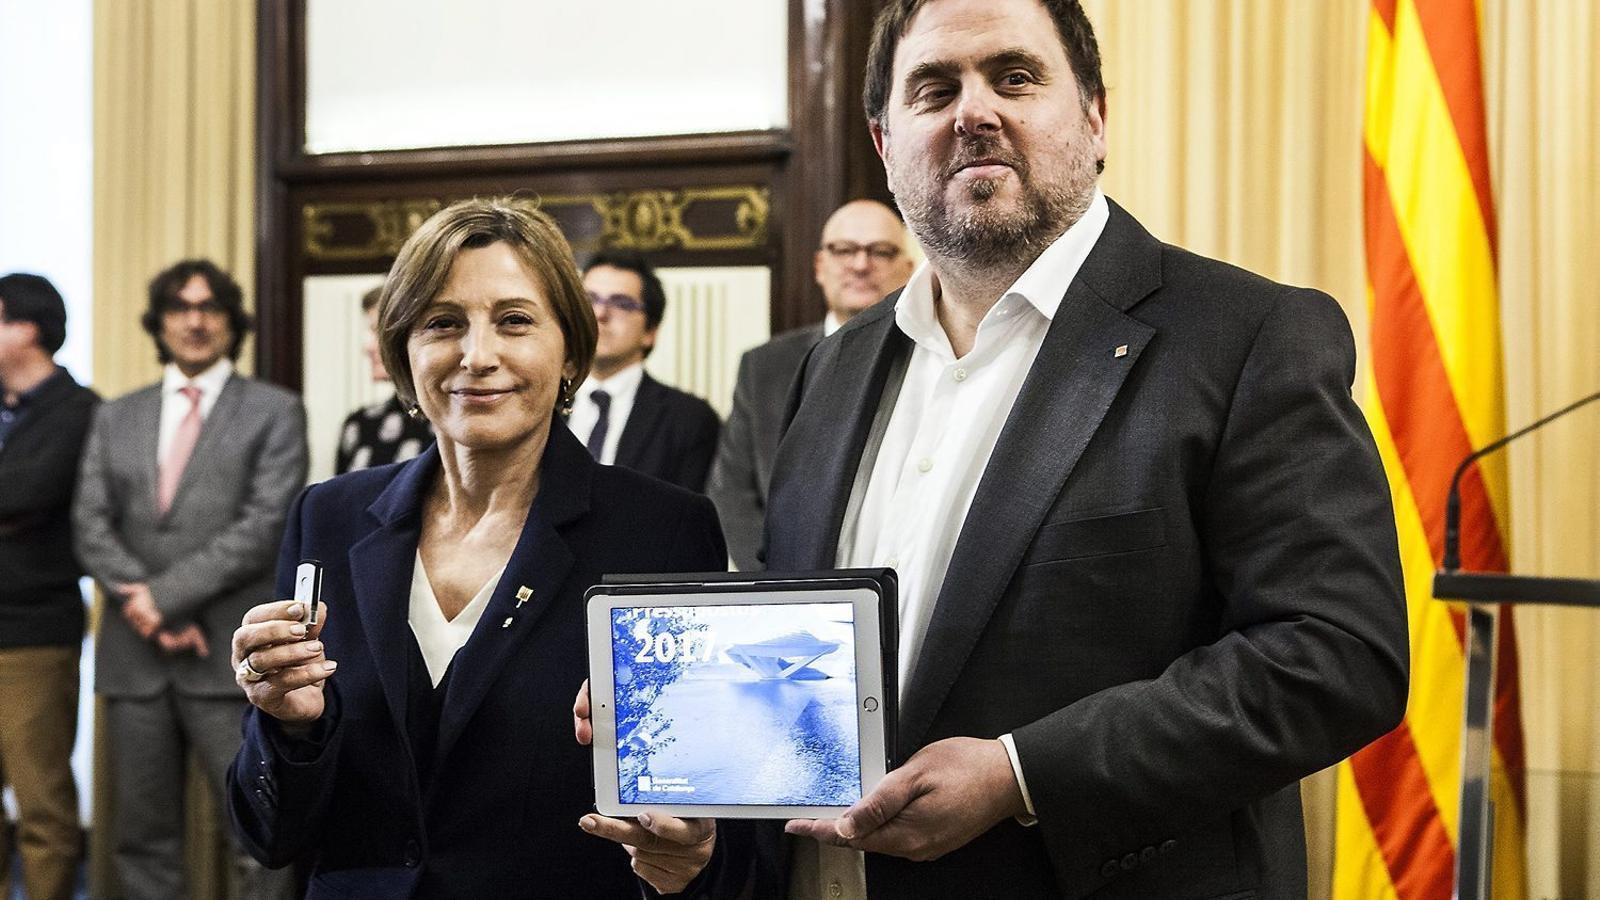 El vicepresident, Oriol Junqueras,  en el moment  de lliurar  a la presidenta del Parlament, Carme Forcadell,  els comptes  del 2017.